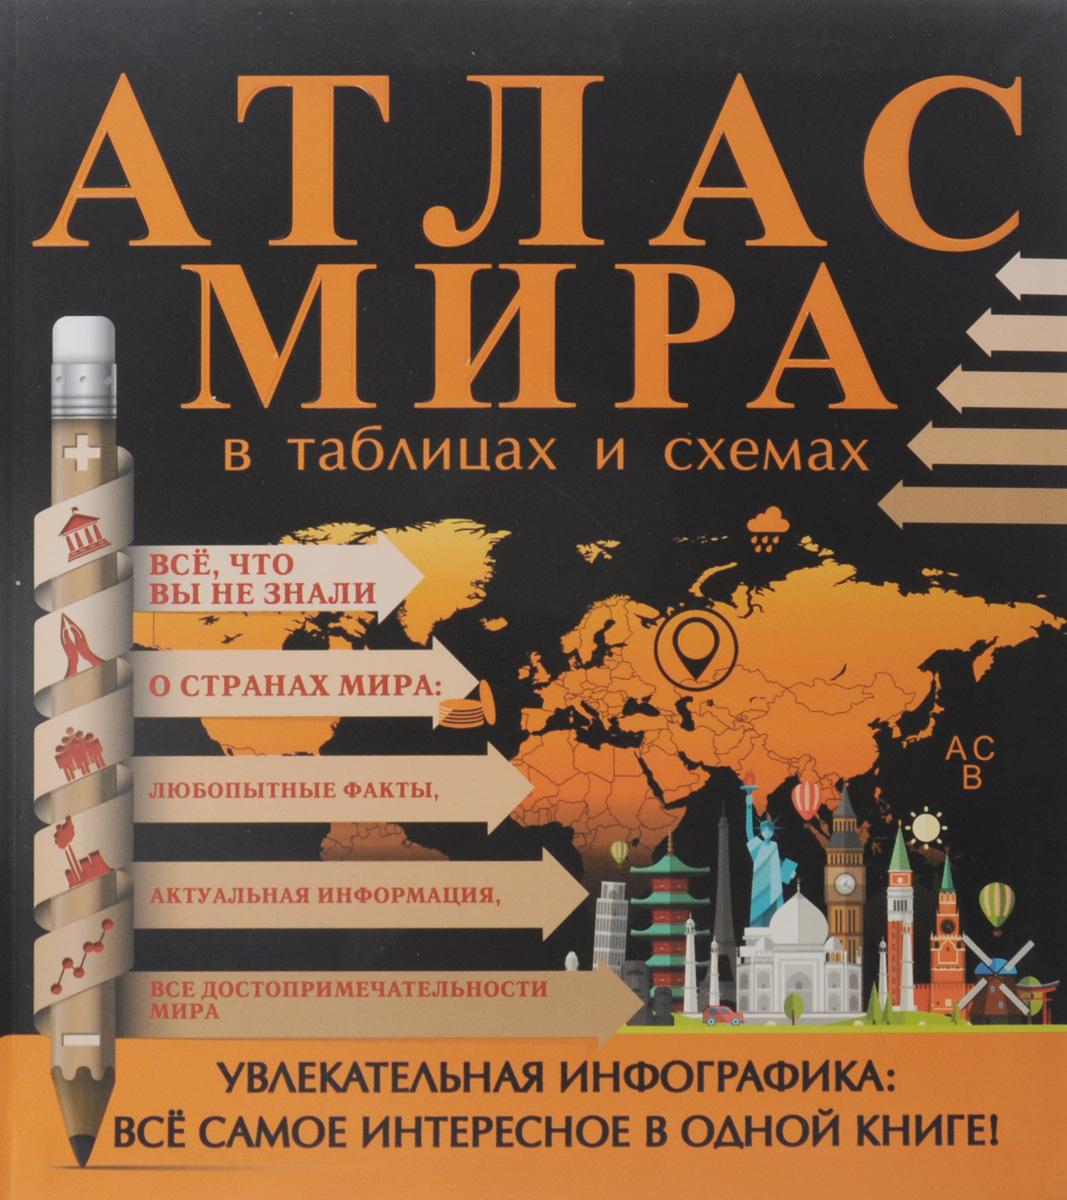 Атлас мира в таблицах и схемах. Д. С. Смирнов